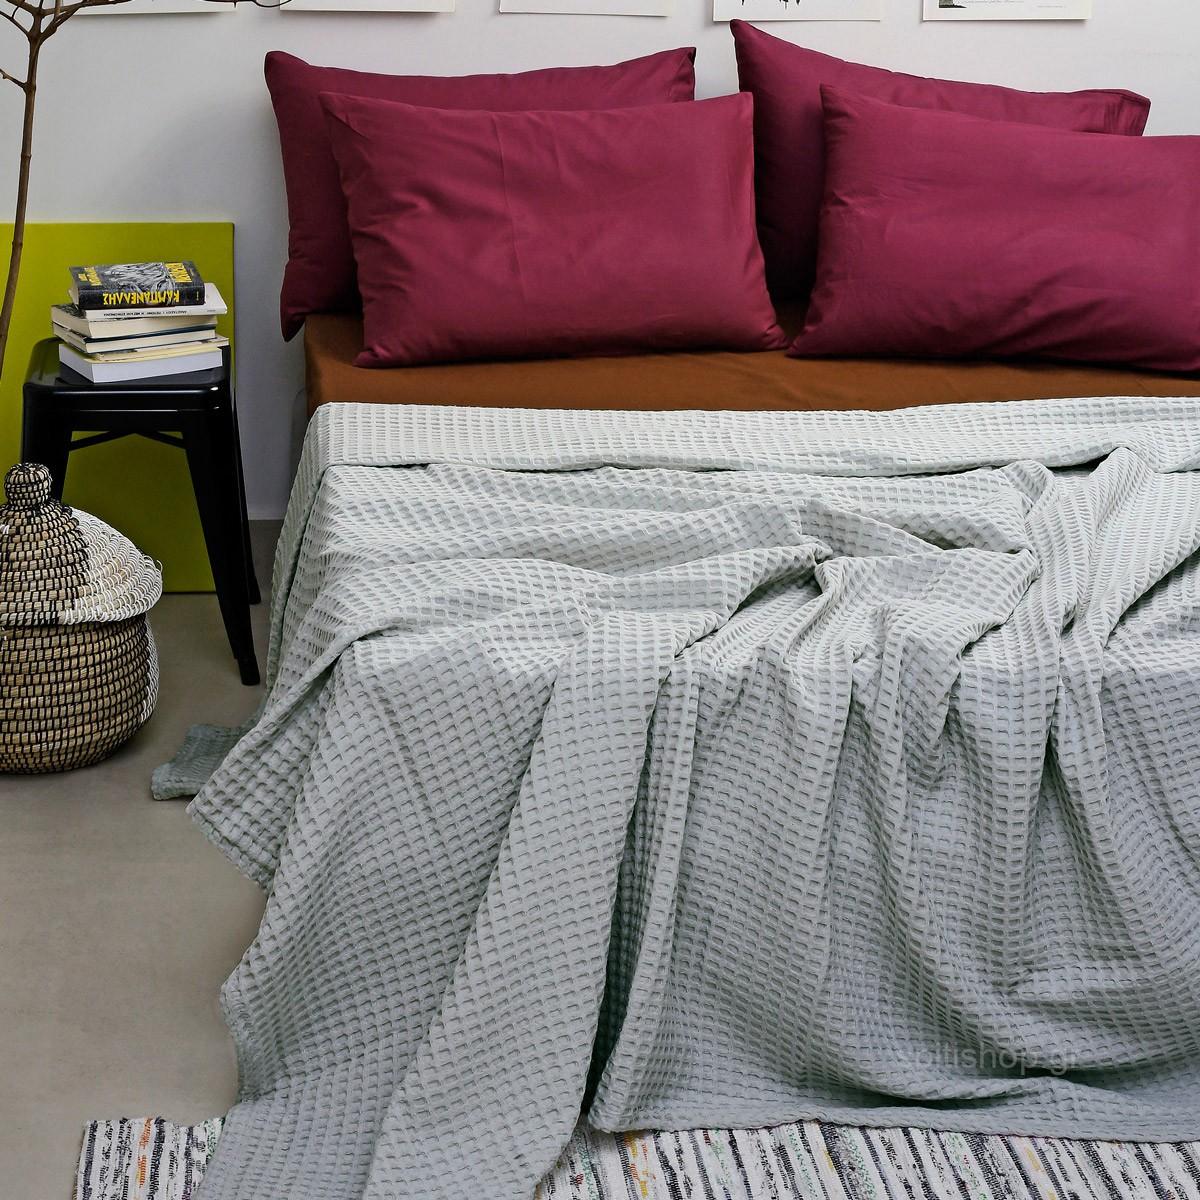 Κουβέρτα Πικέ Διπλή Melinen Bristol Mint home   κρεβατοκάμαρα   κουβέρτες   κουβέρτες πικέ υπέρδιπλες